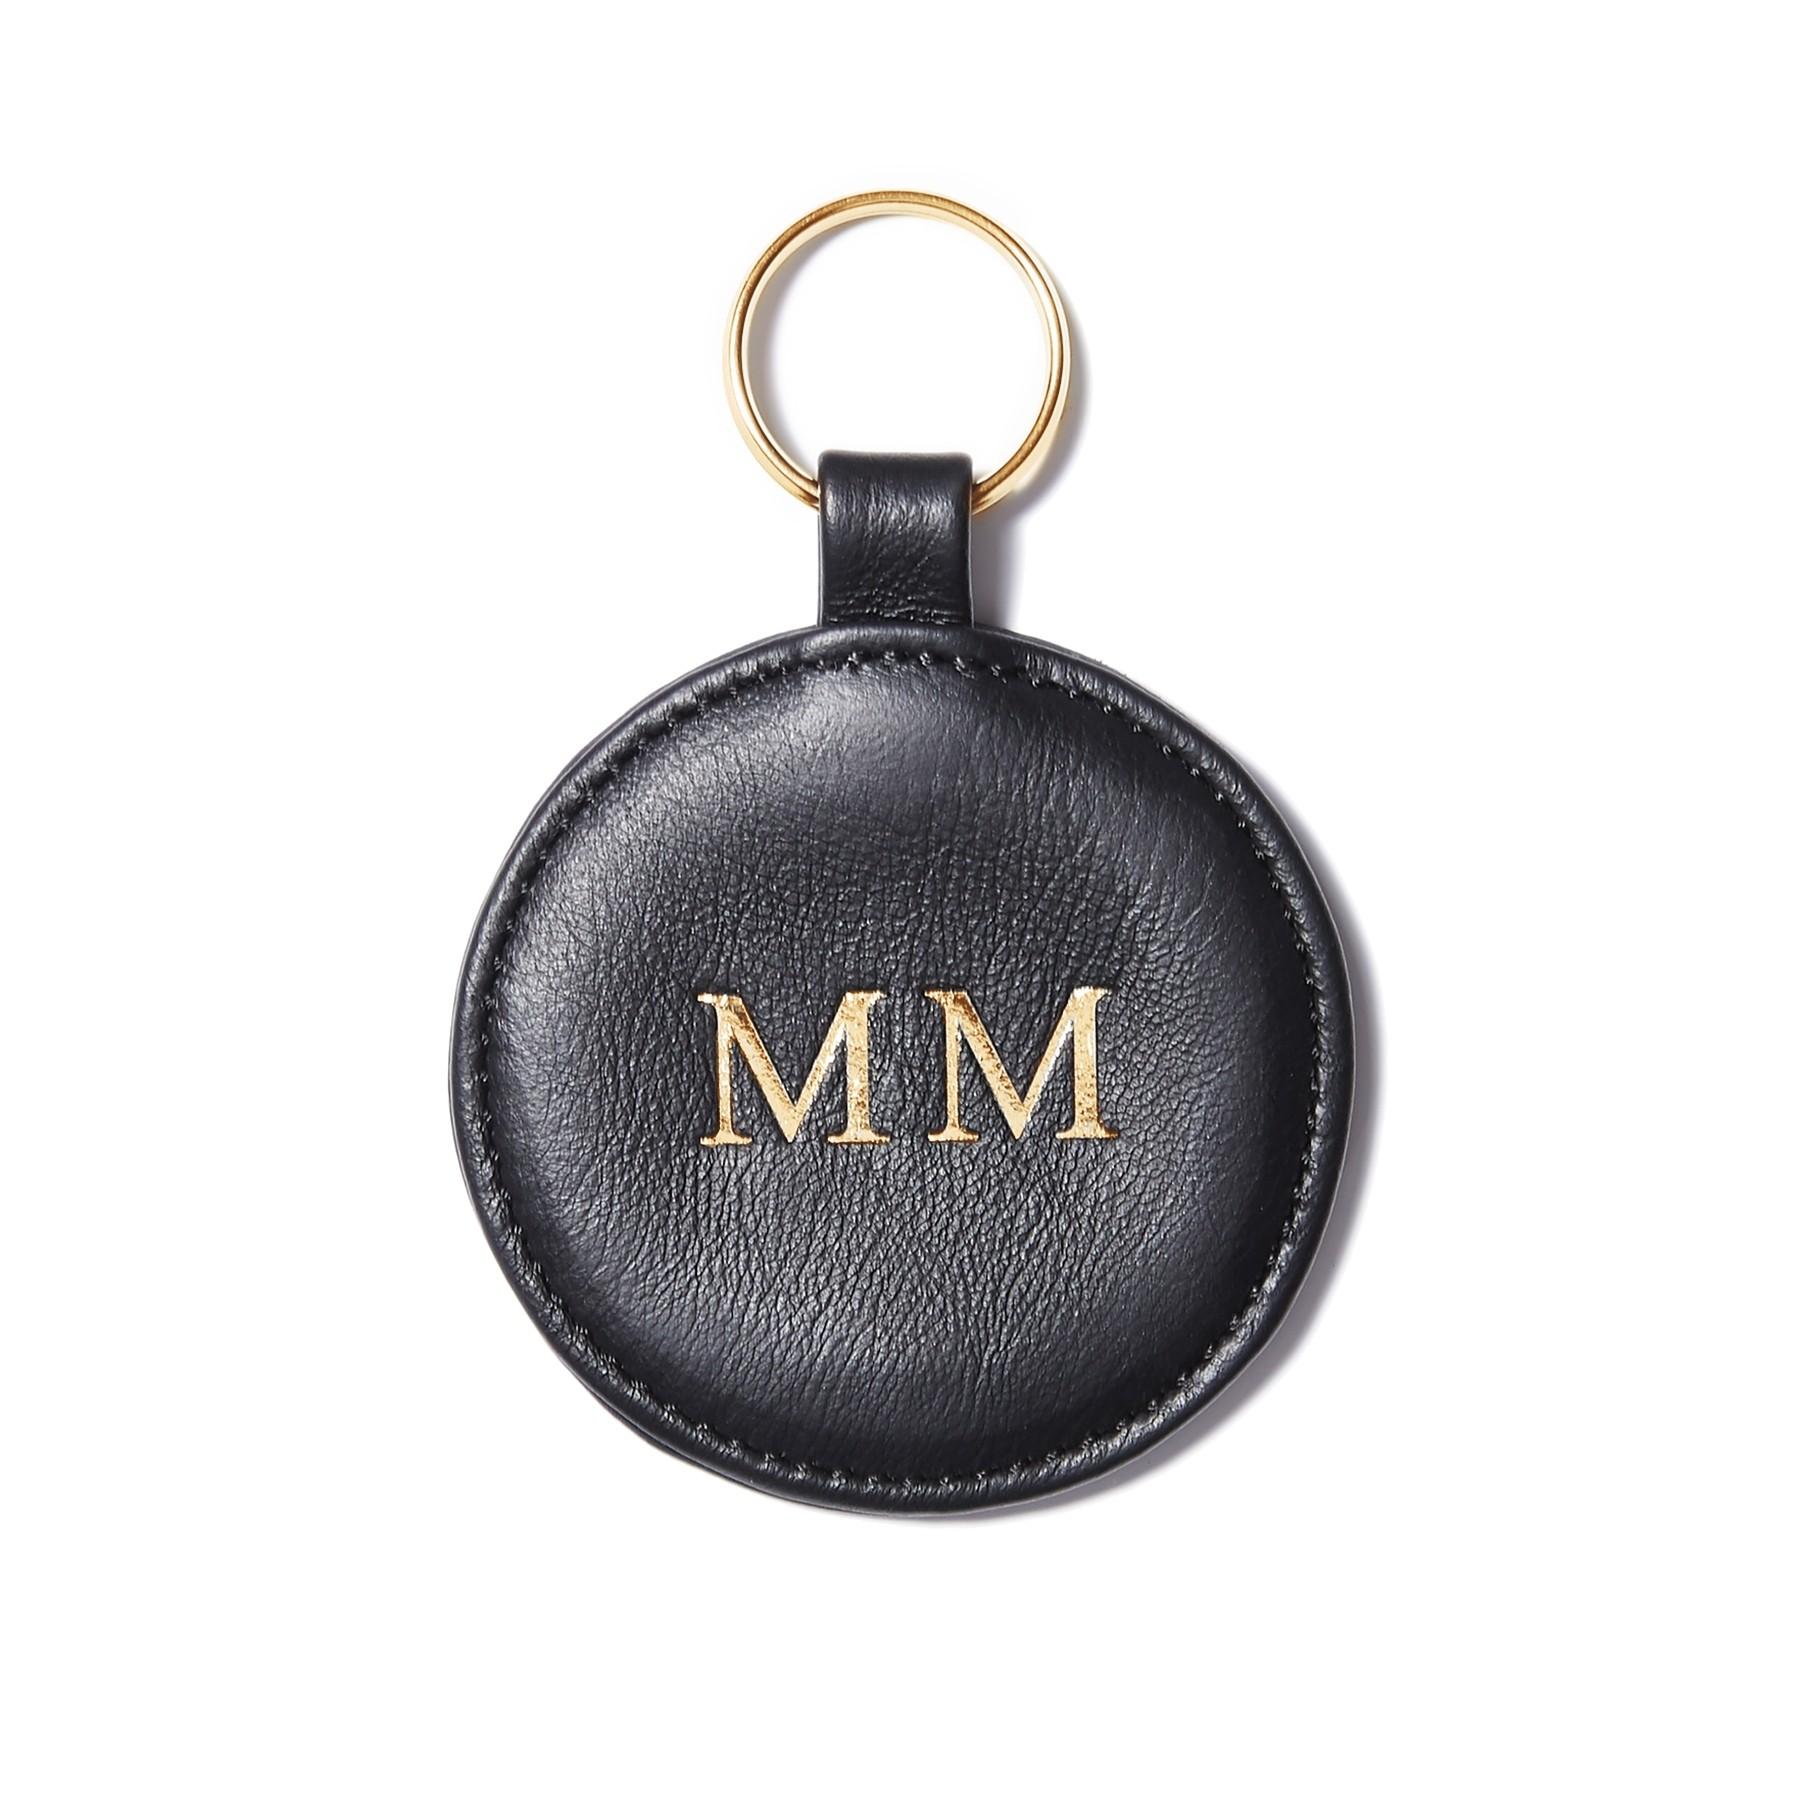 Porte-clé personnalisé en forme de médaillon, noir, anneau couleur or